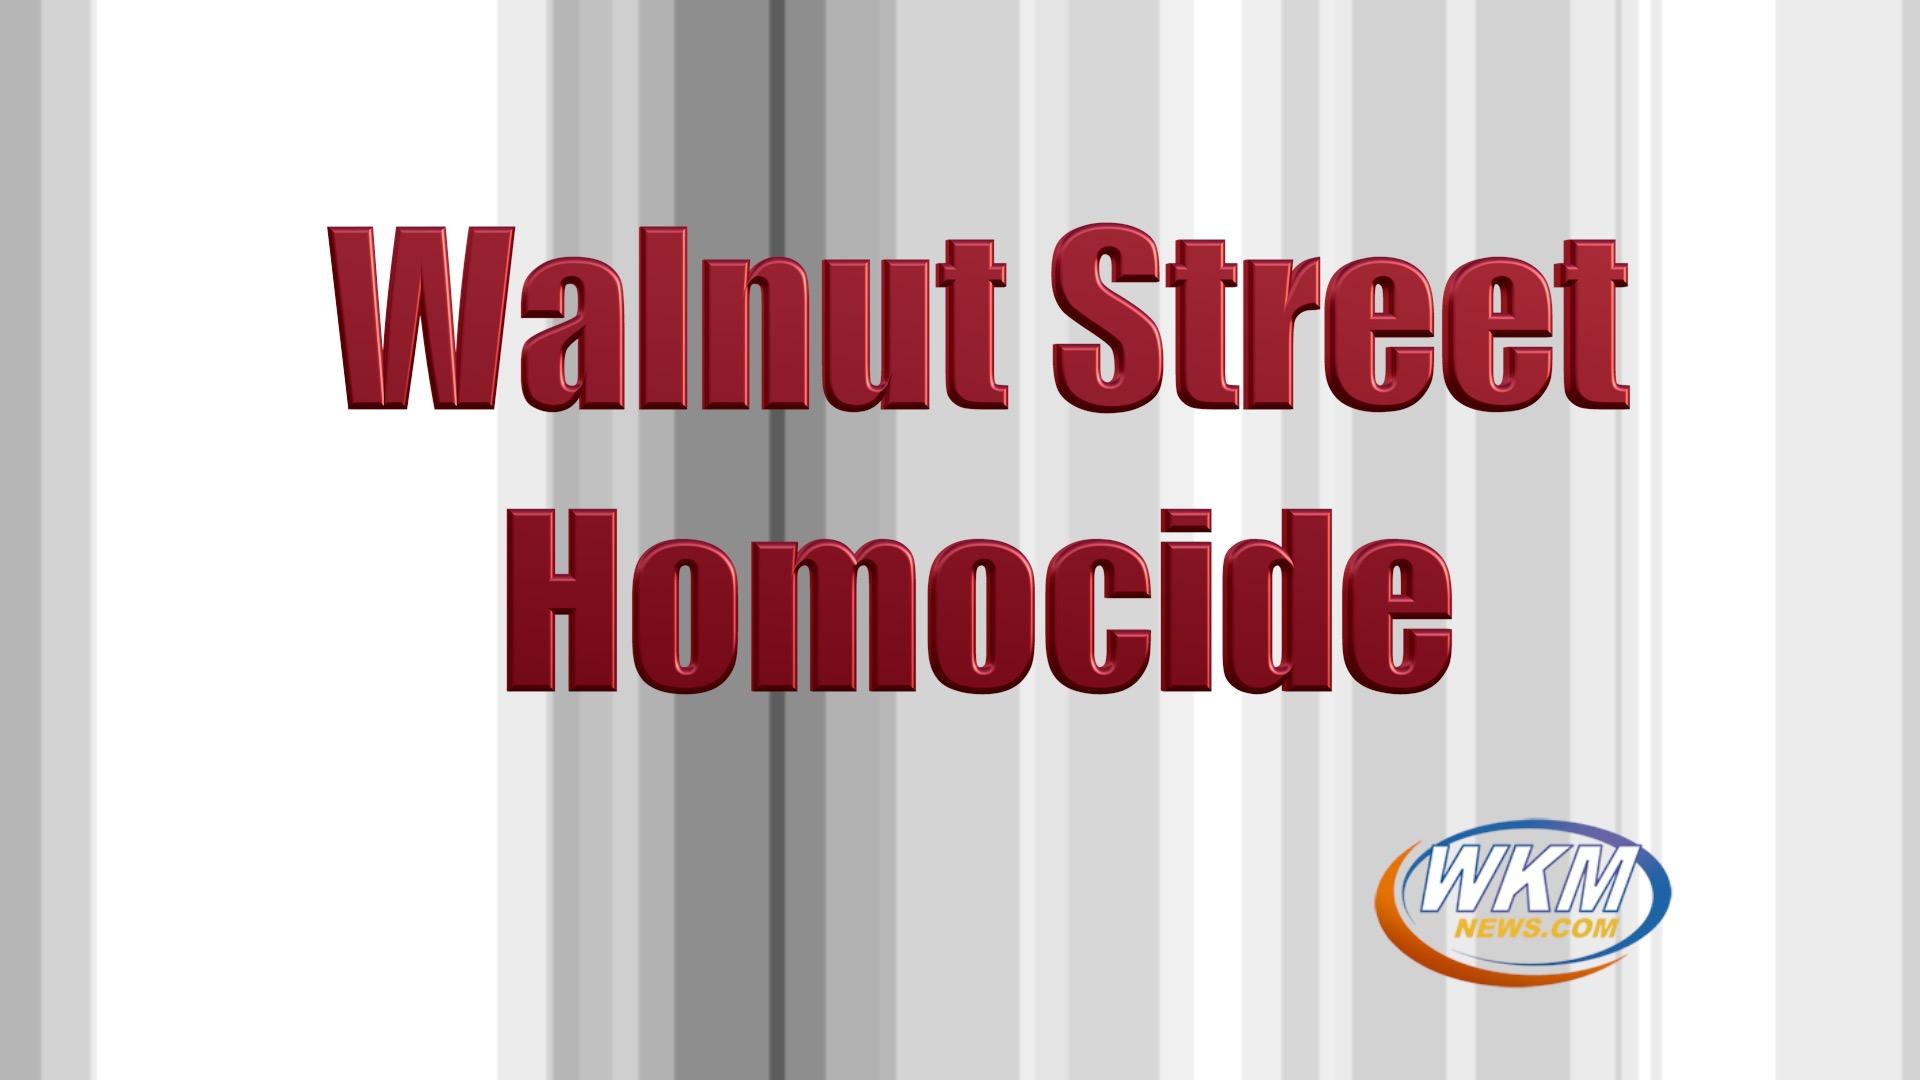 Investigation Begins After Homicide on Walnut Street